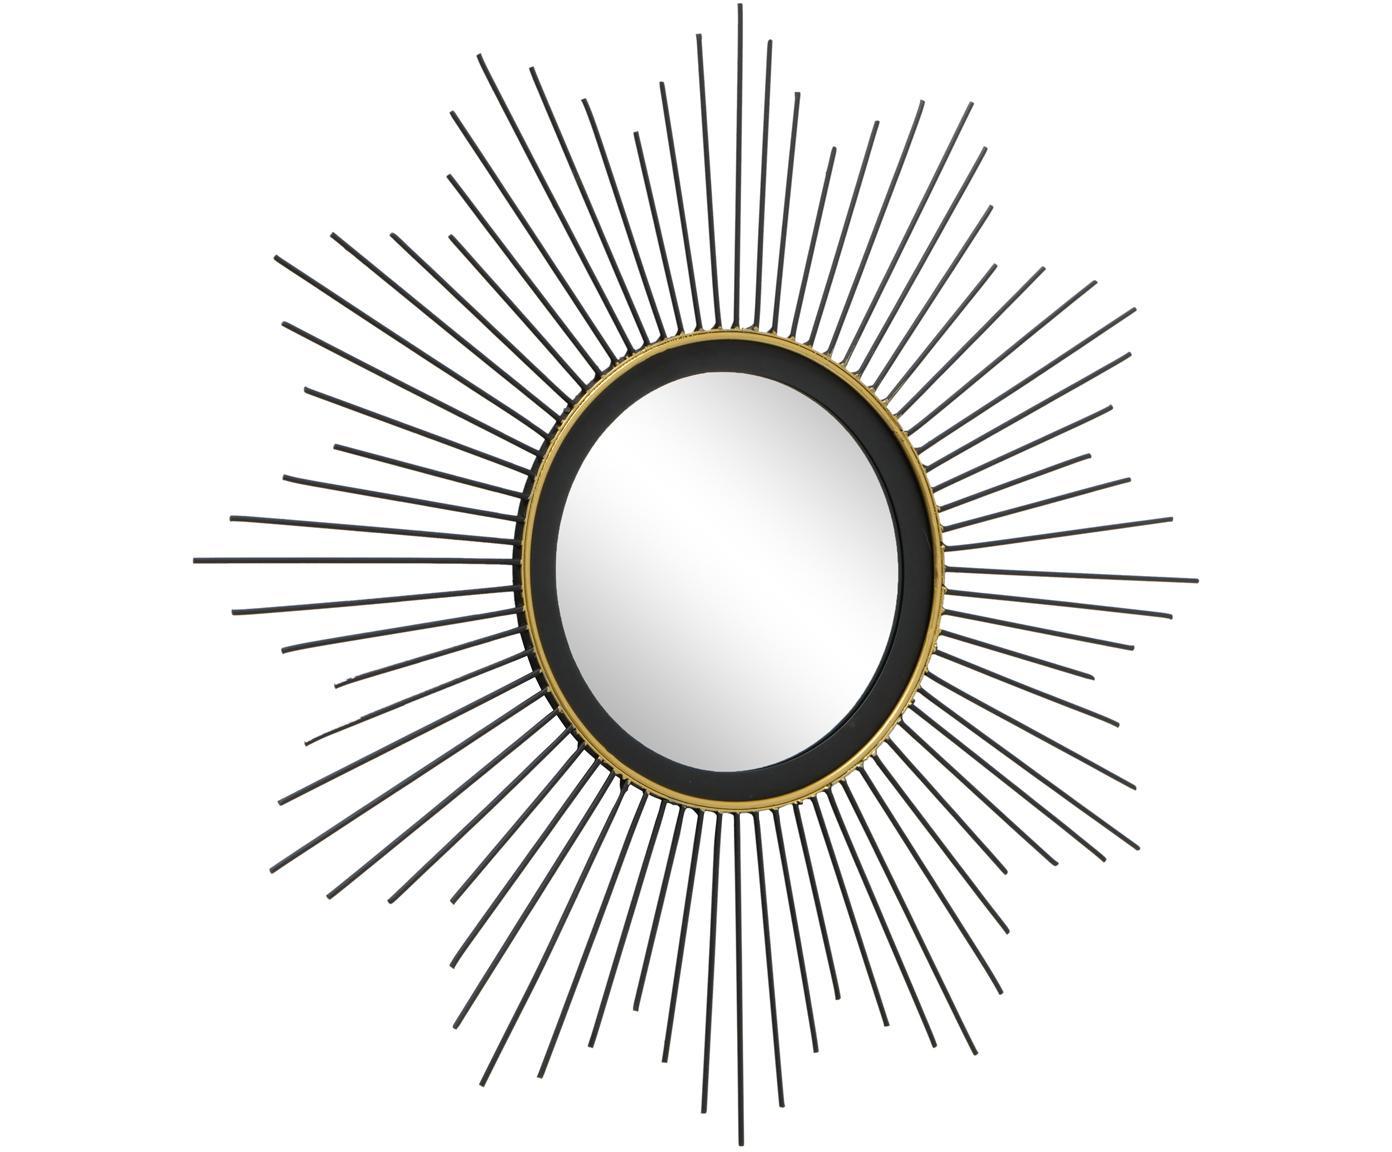 Ronde wandspiegel Yoko, Metaal, spiegelglas, Zwart, Ø 50 cm